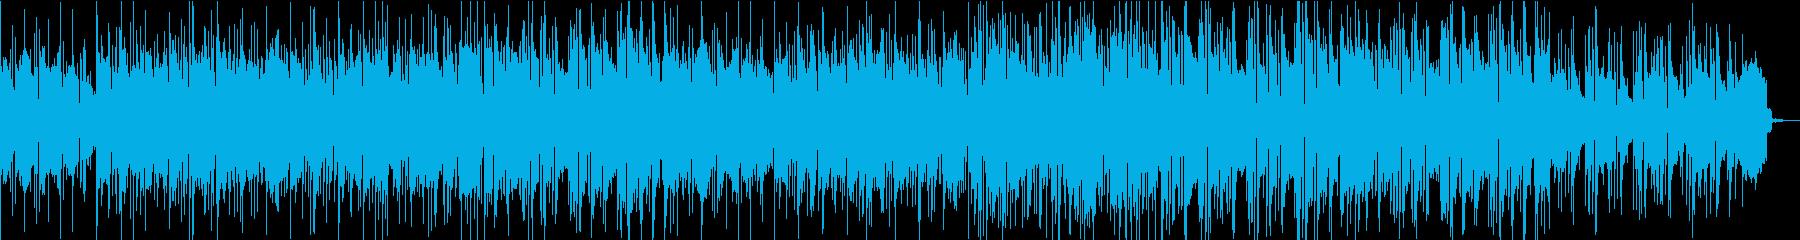 真夜中に聞く渋い大人のスムースジャズの再生済みの波形